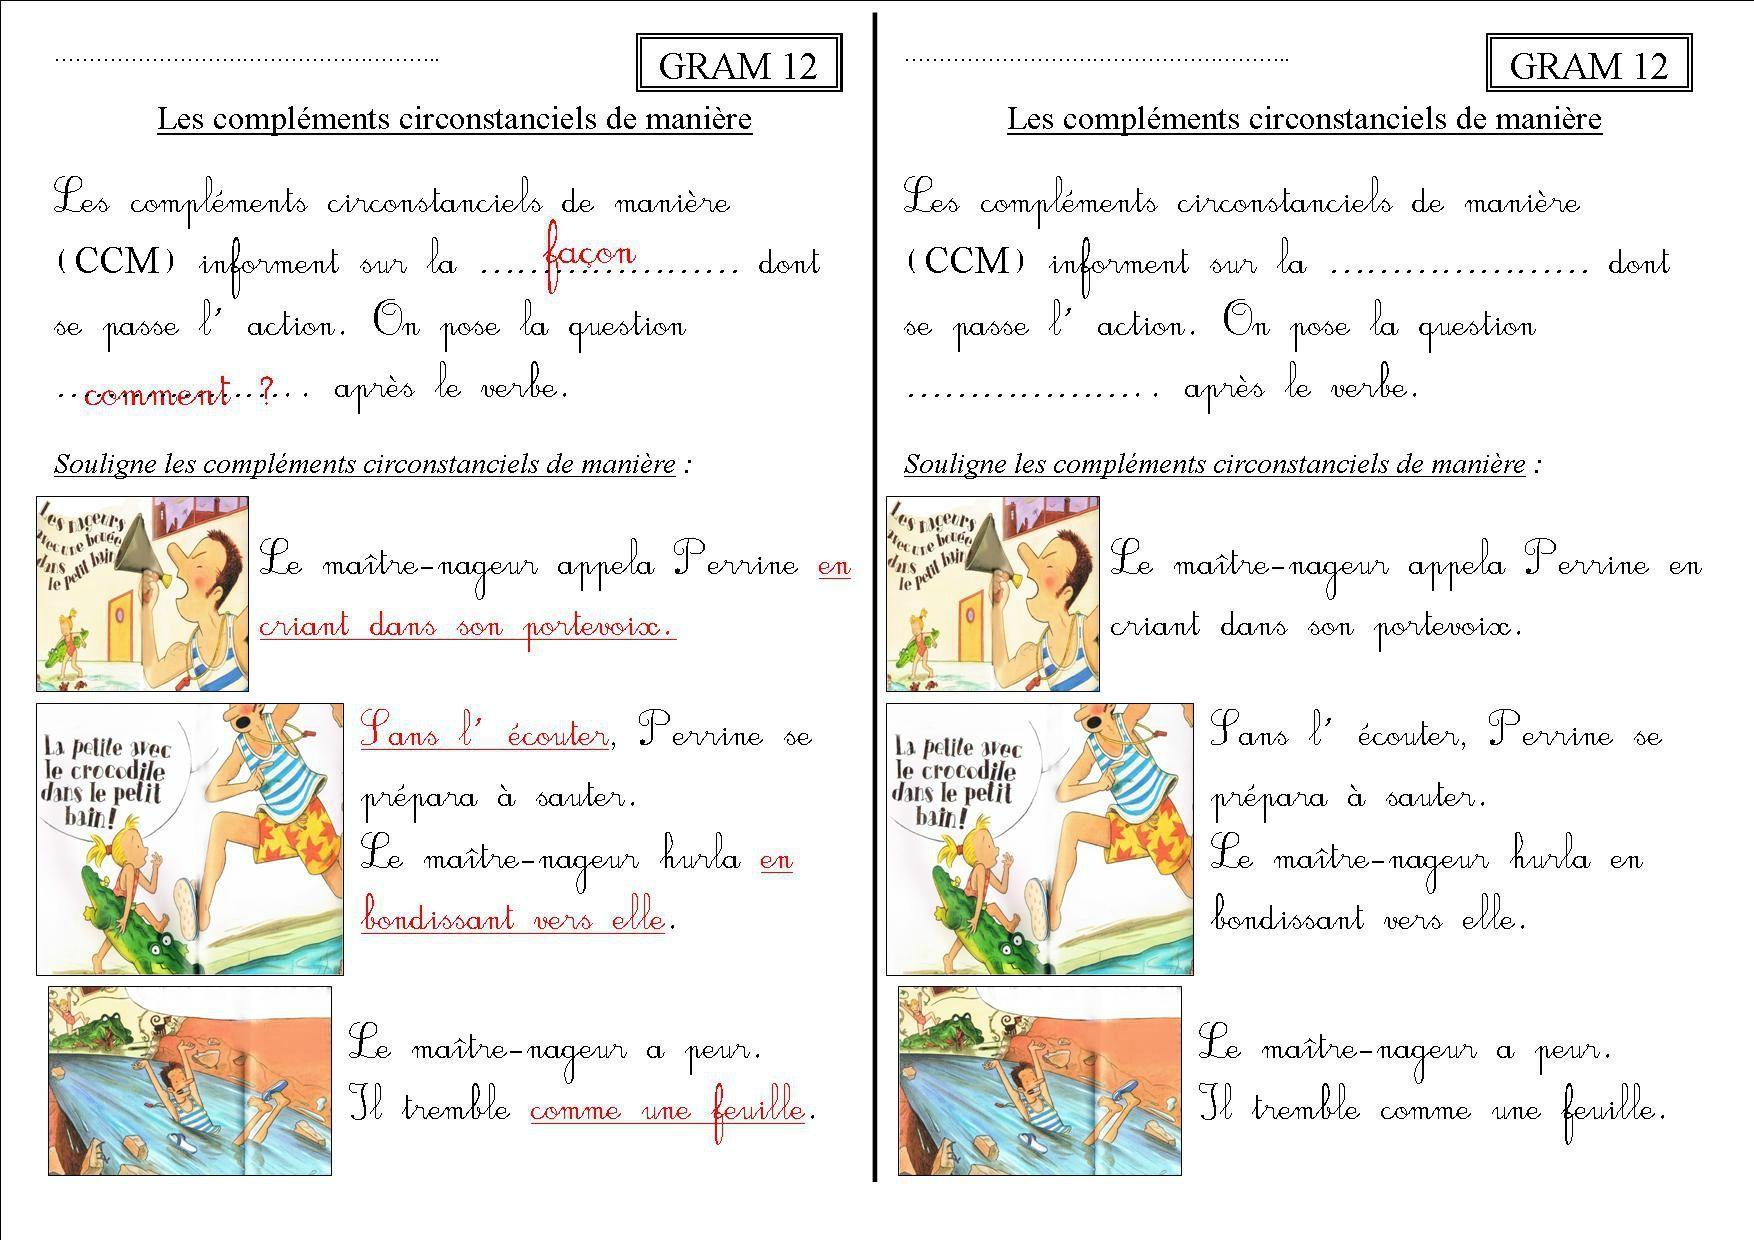 GRAM 12 CE1 : les compléments circonstanciels de manière ...